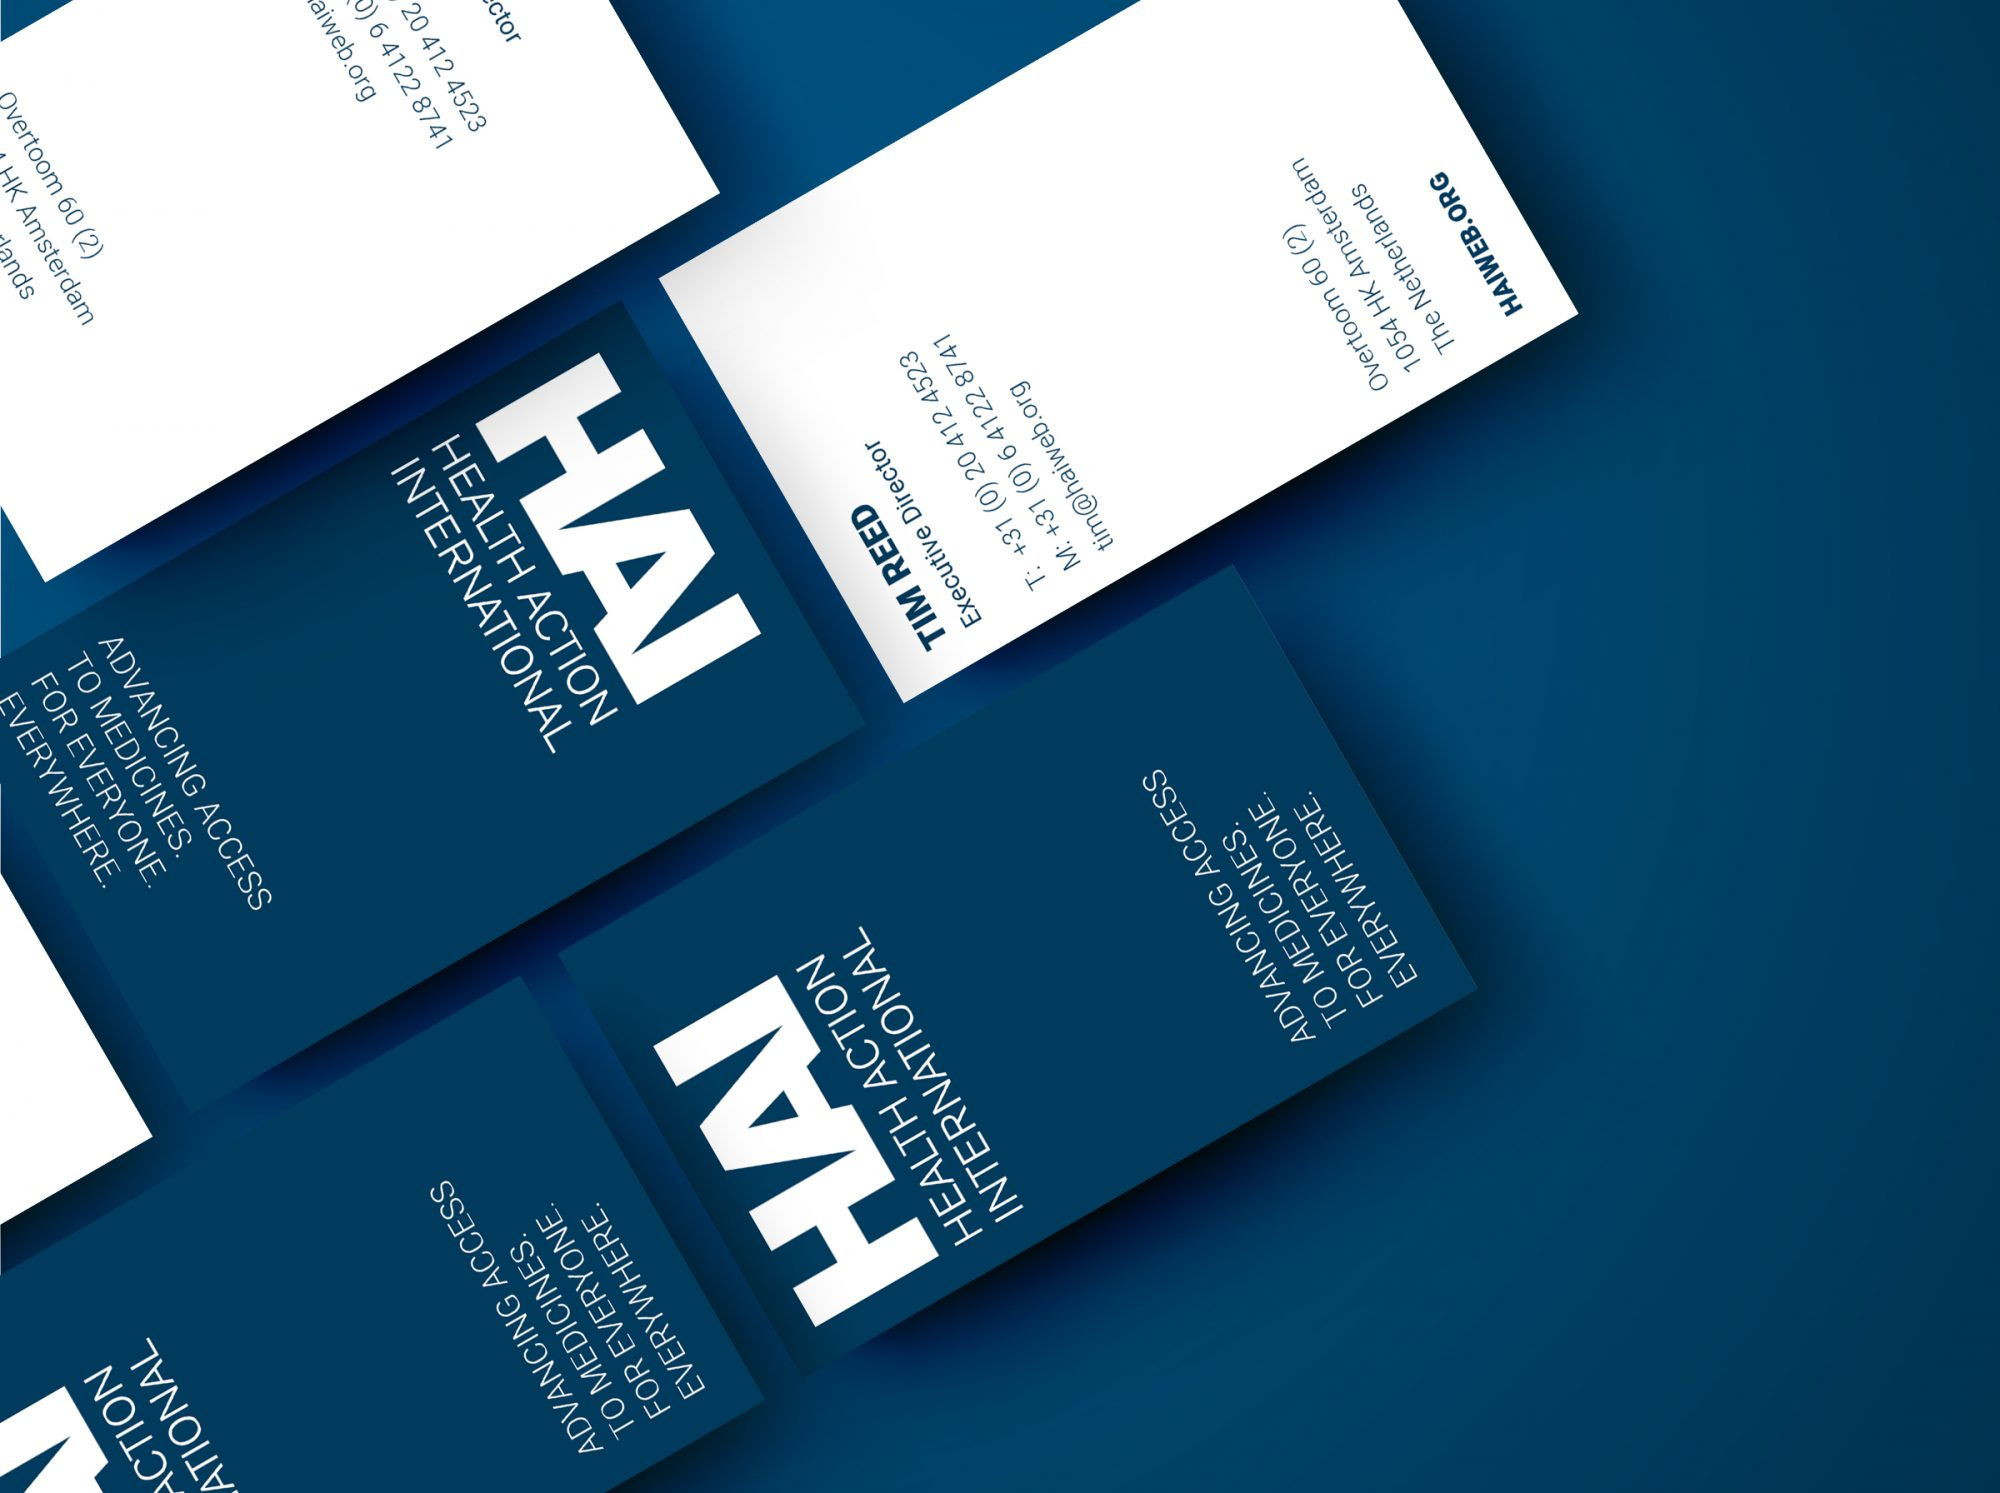 Grafisch ontwerp leiden, grafisch ontwerp, kordaat, studio kordaat, leiden, grafisch ontwerper, grafische vormgeving, graphic design, vormgeving, HAI, Health Action International, brand identity, branding, brand strategy session, branding sessie, NGO, non-profit design,